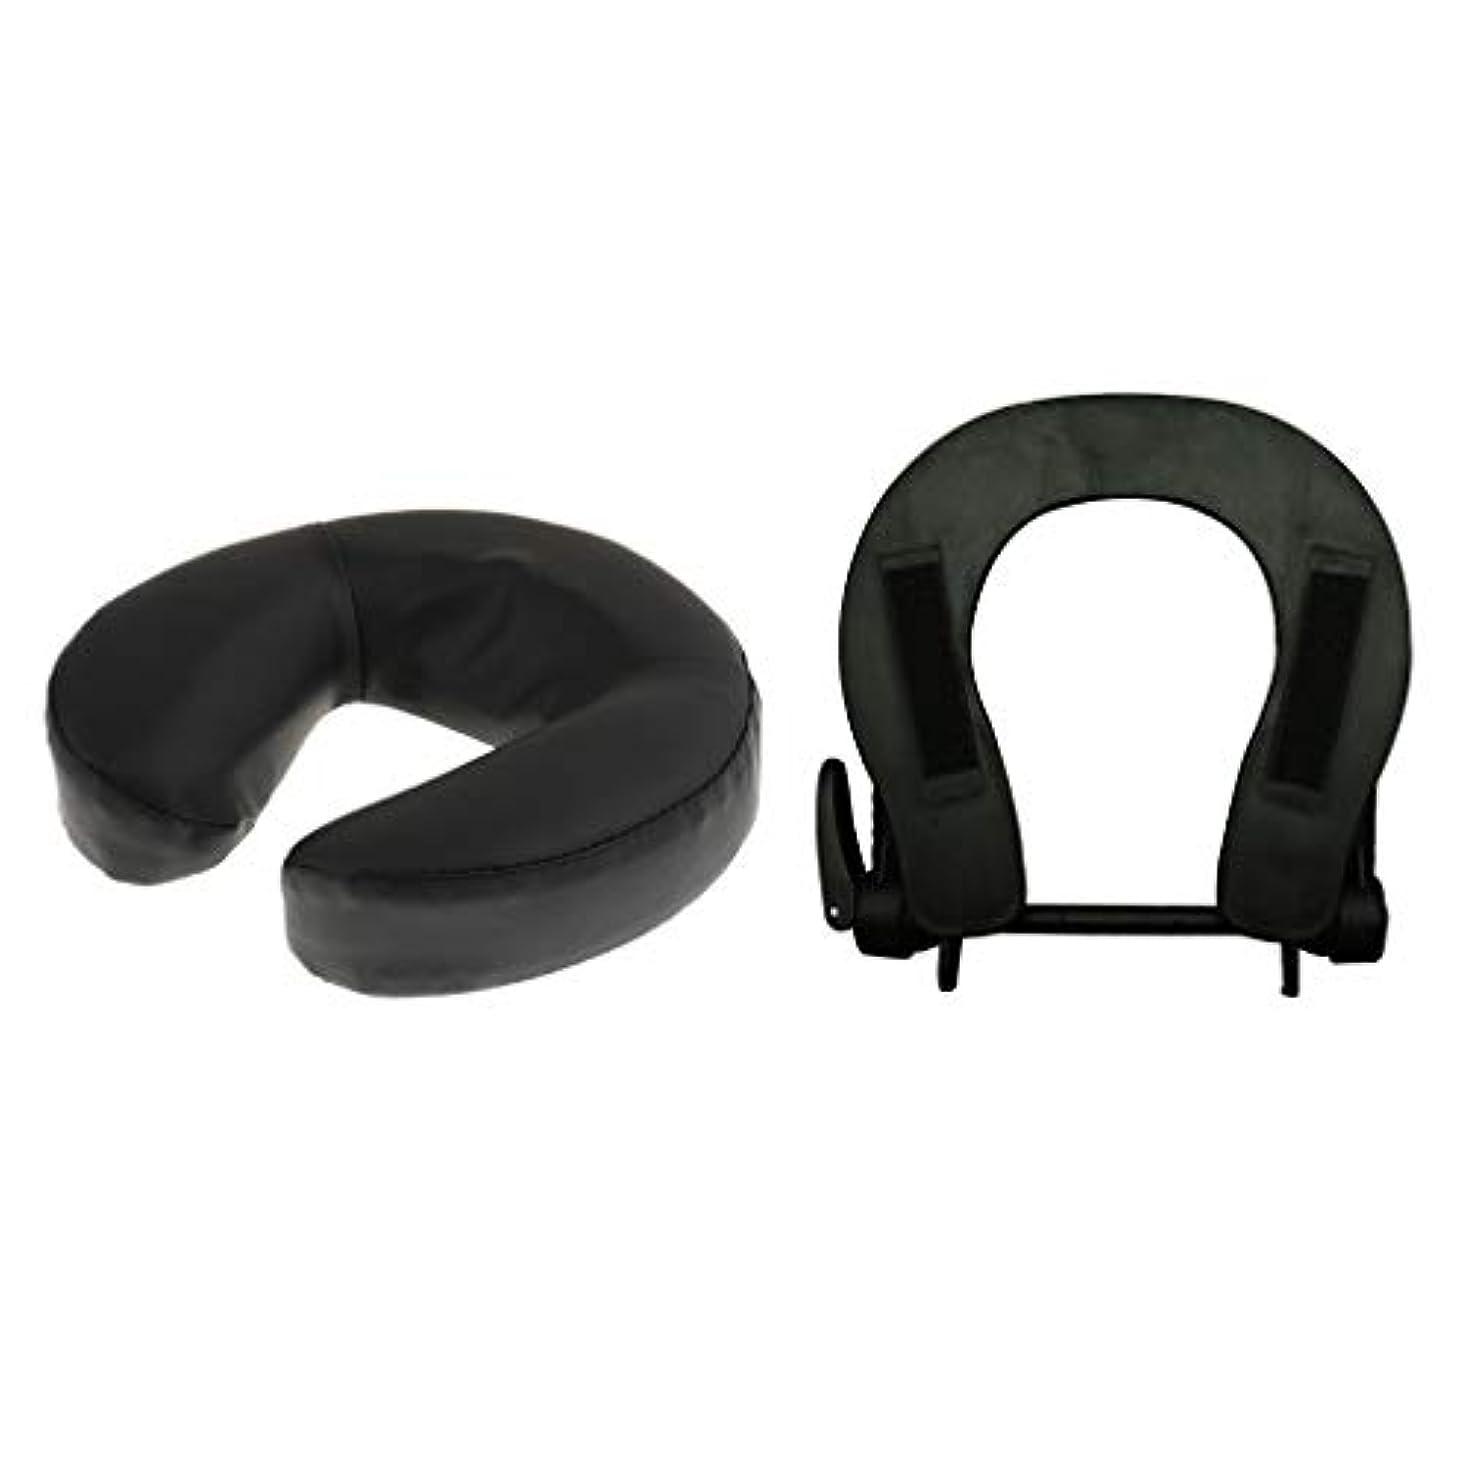 上がる馬鹿信号フェイスマット 顔マクラ マッサージ枕 顔枕 フェイスクレードル 調節可能 マッサージテーブル 汎用